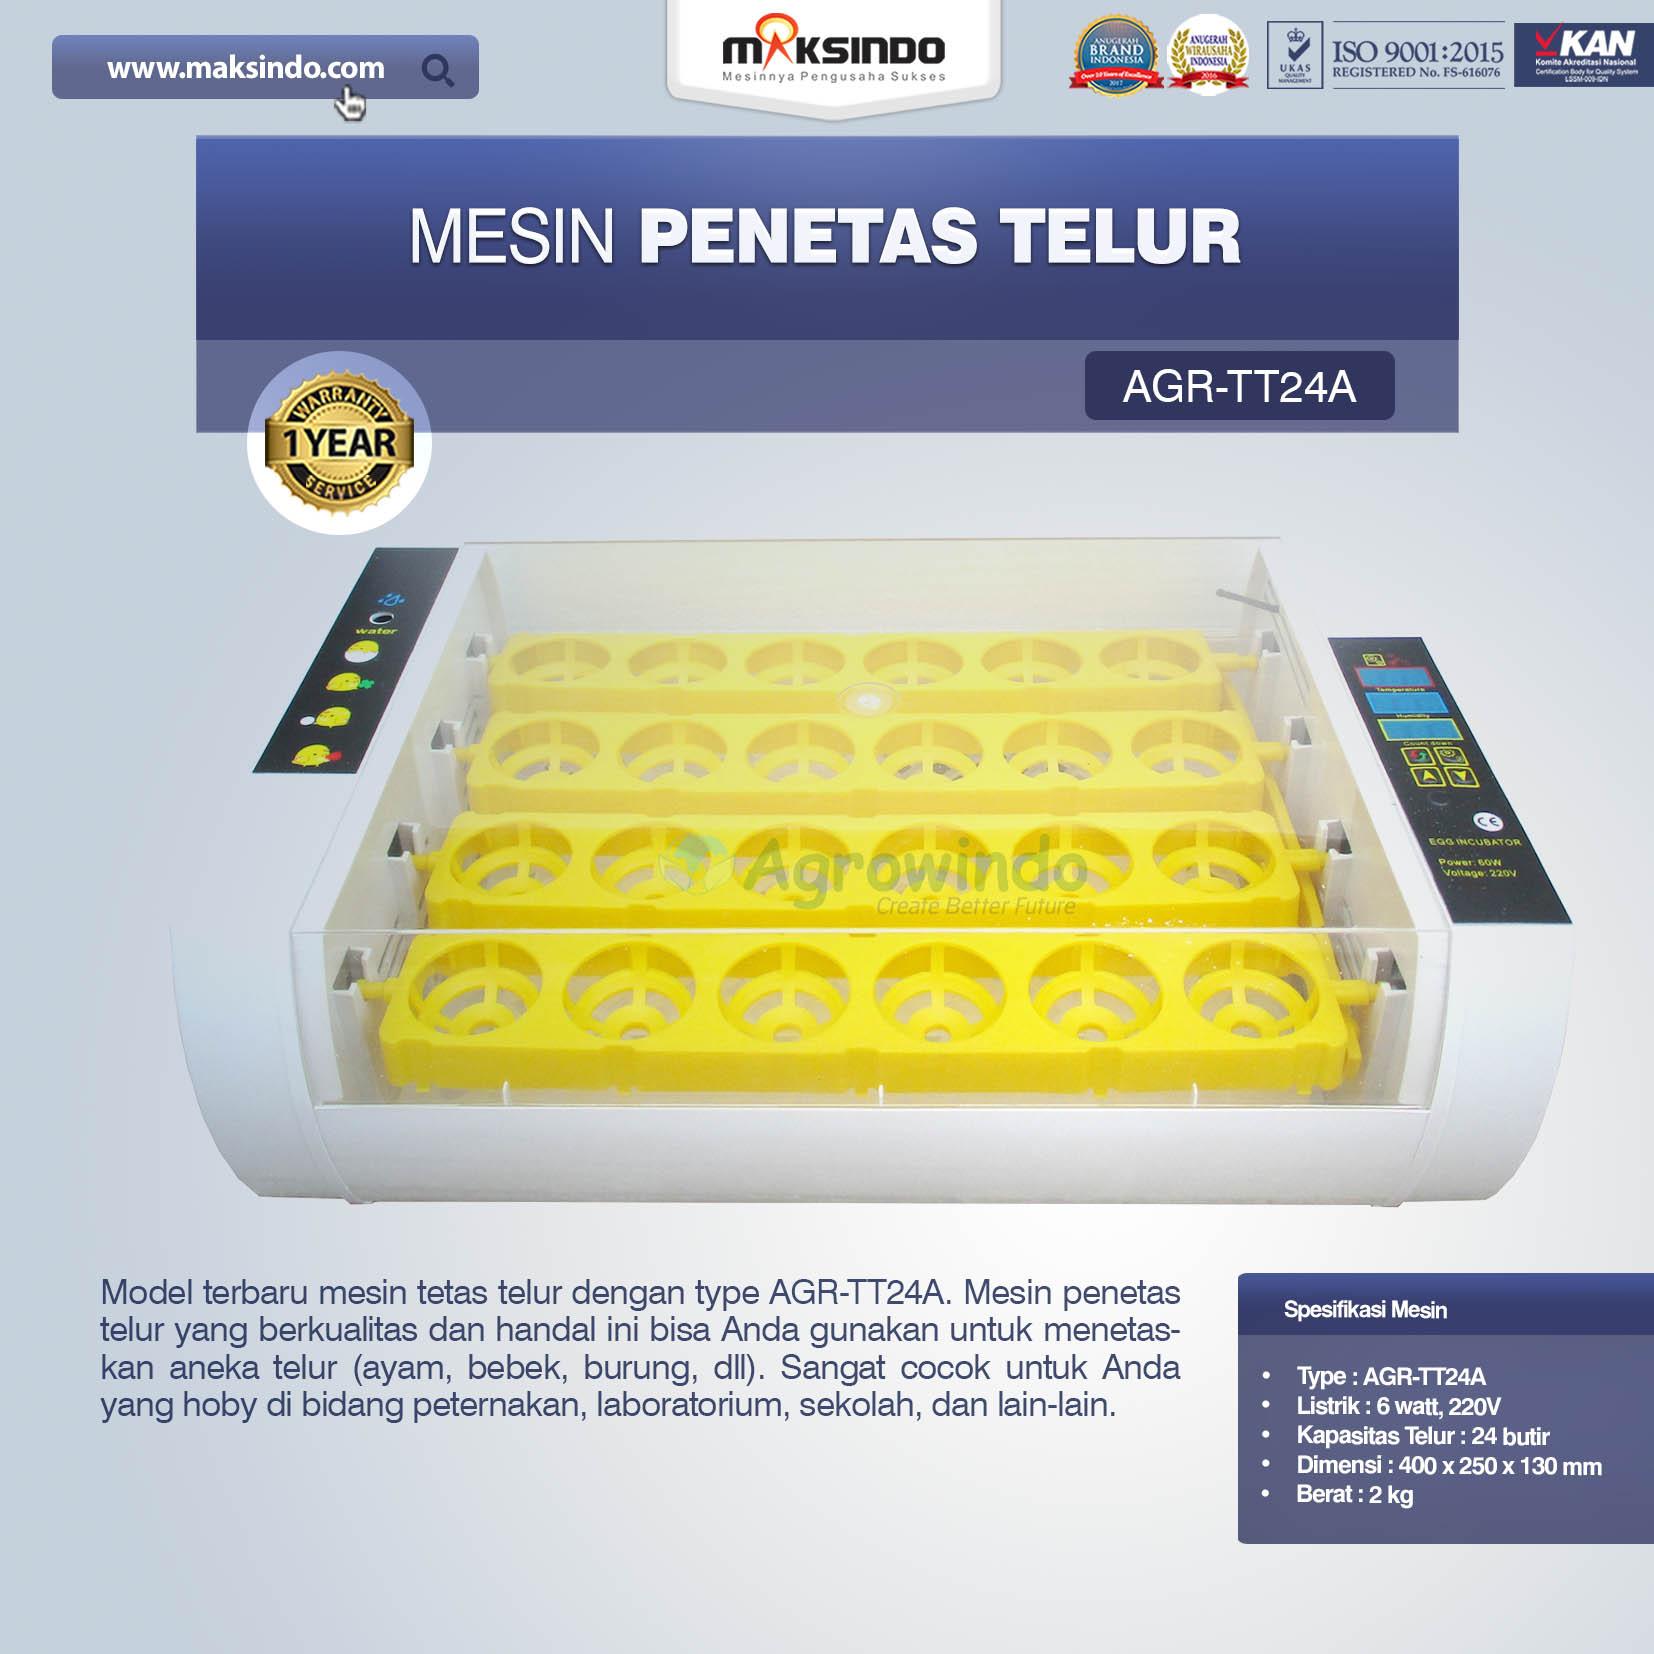 Jual Mesin Penetas Telur AGR-TT24A di Medan